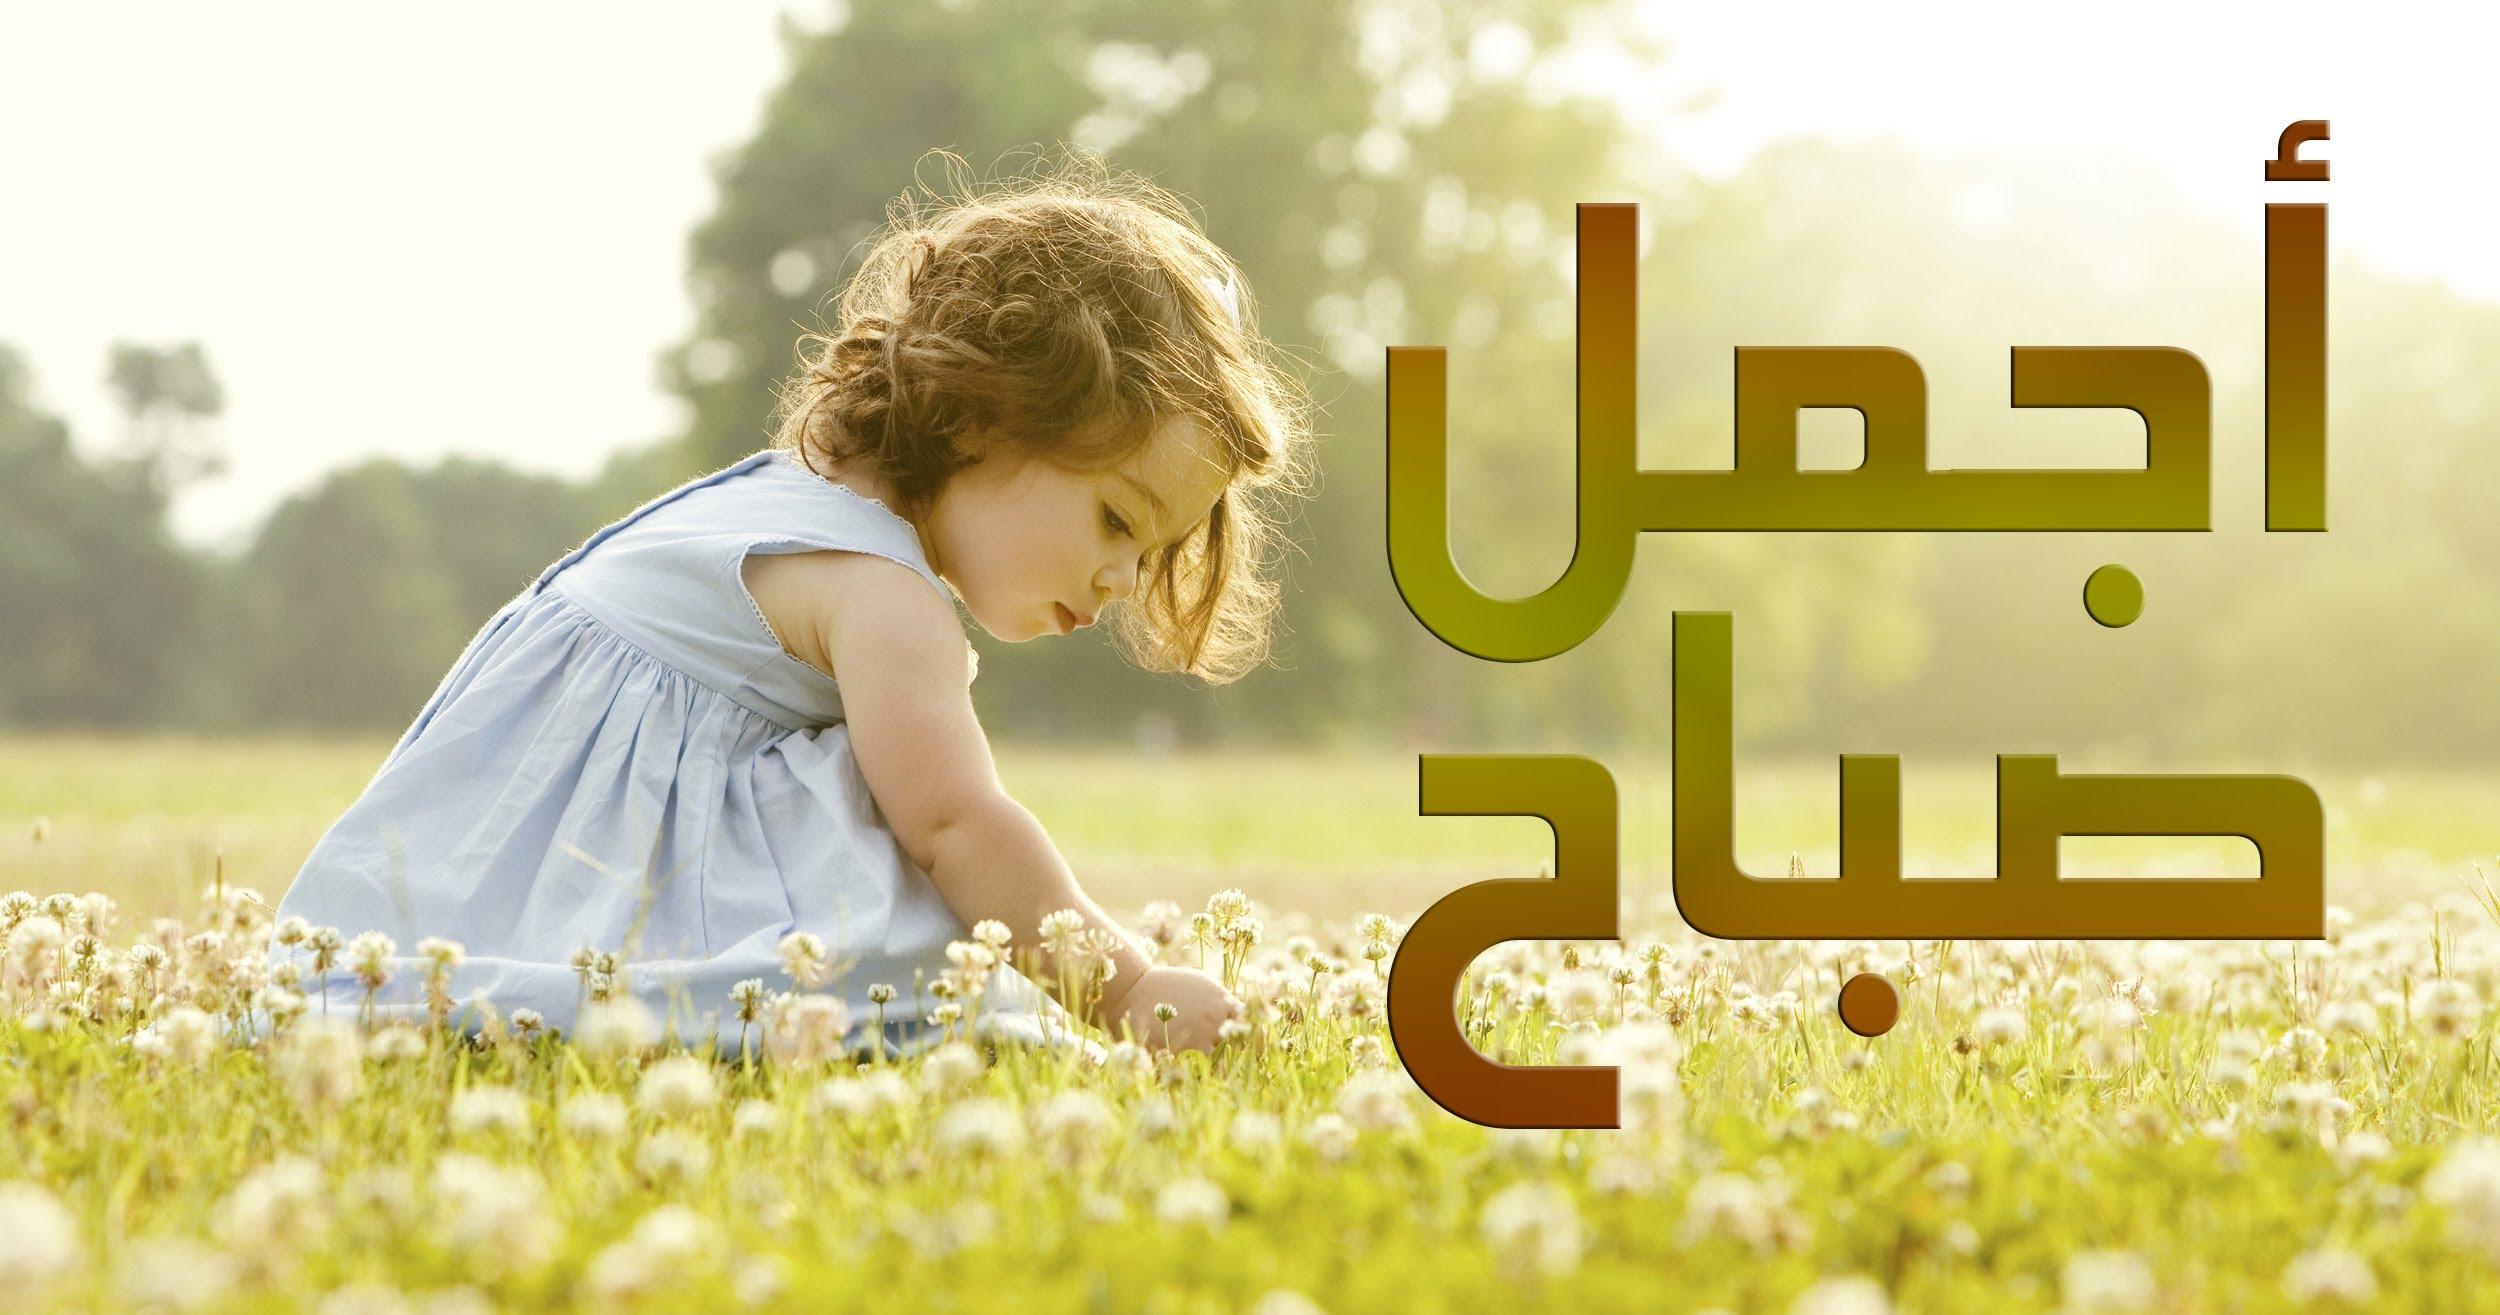 بالصور كلمات عن الصباح قصيره , صباح الخير 5315 6